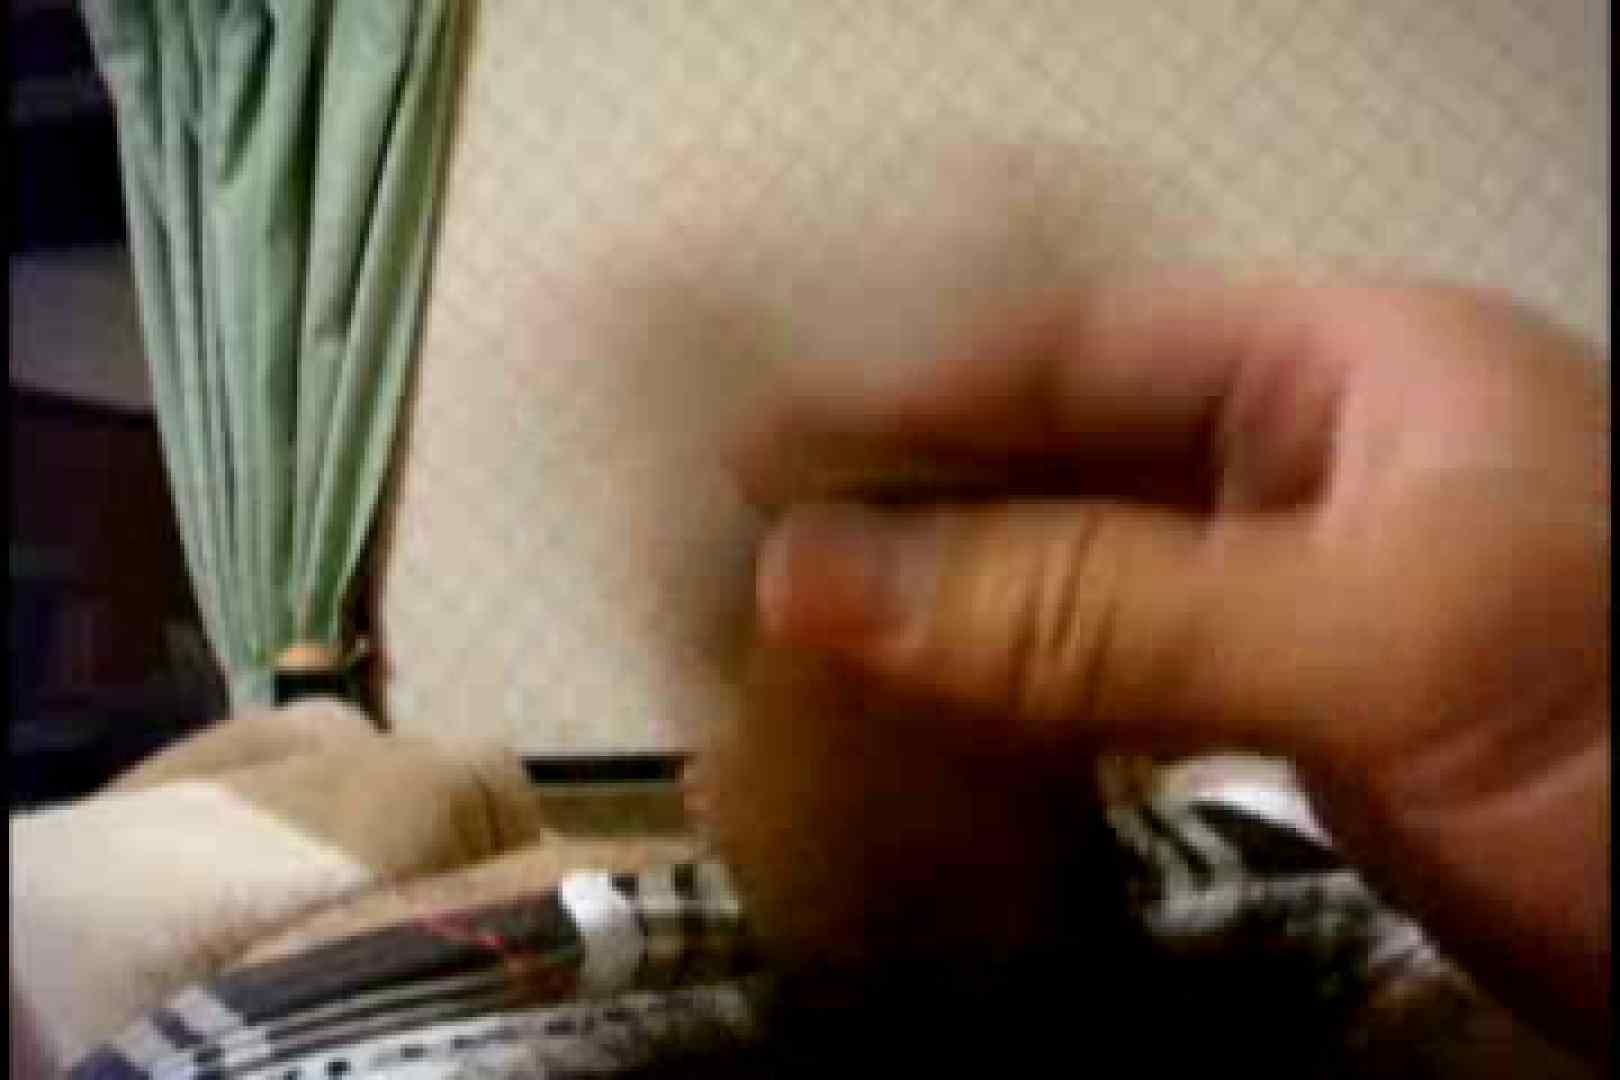 オナ好きノンケテニス部員の自画撮り投稿vol.01 ノンケのオナニー  6枚